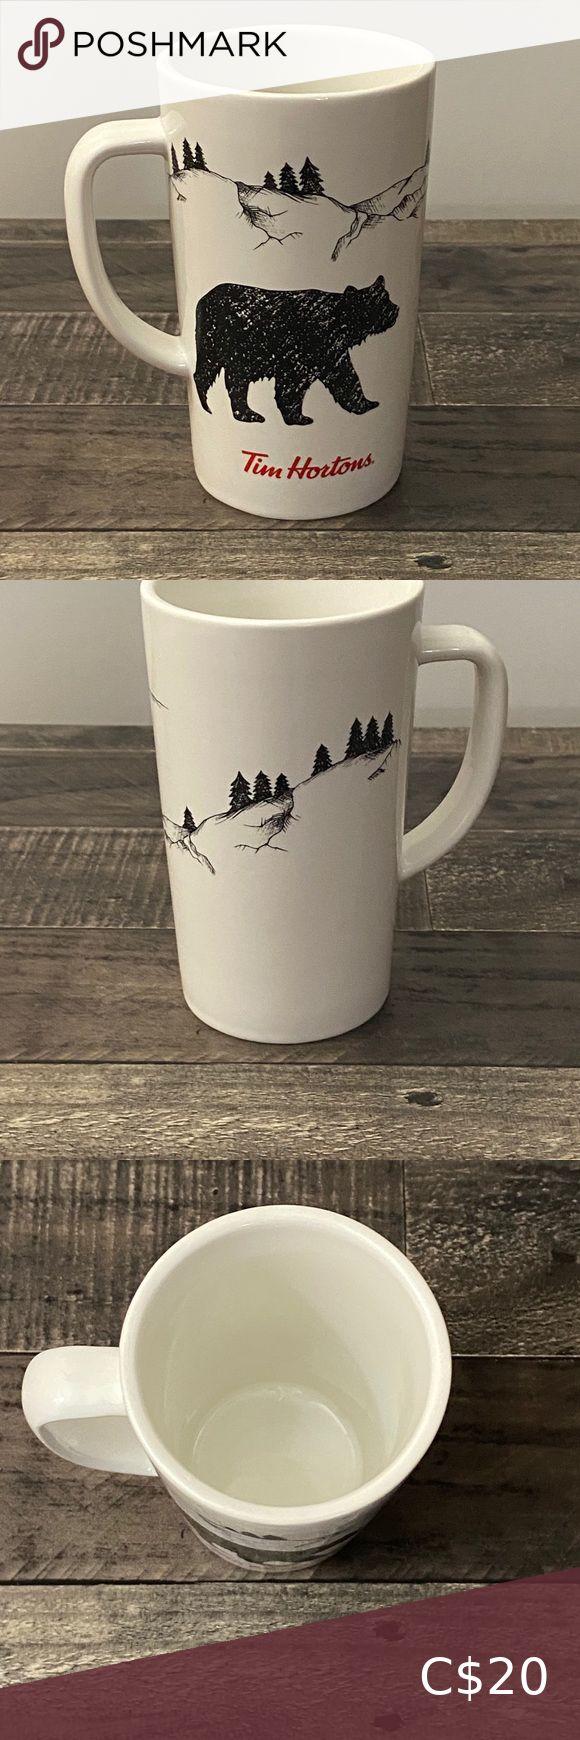 Tim Hortons 2018 Wilderness Art Mug in 2020 Tim hortons